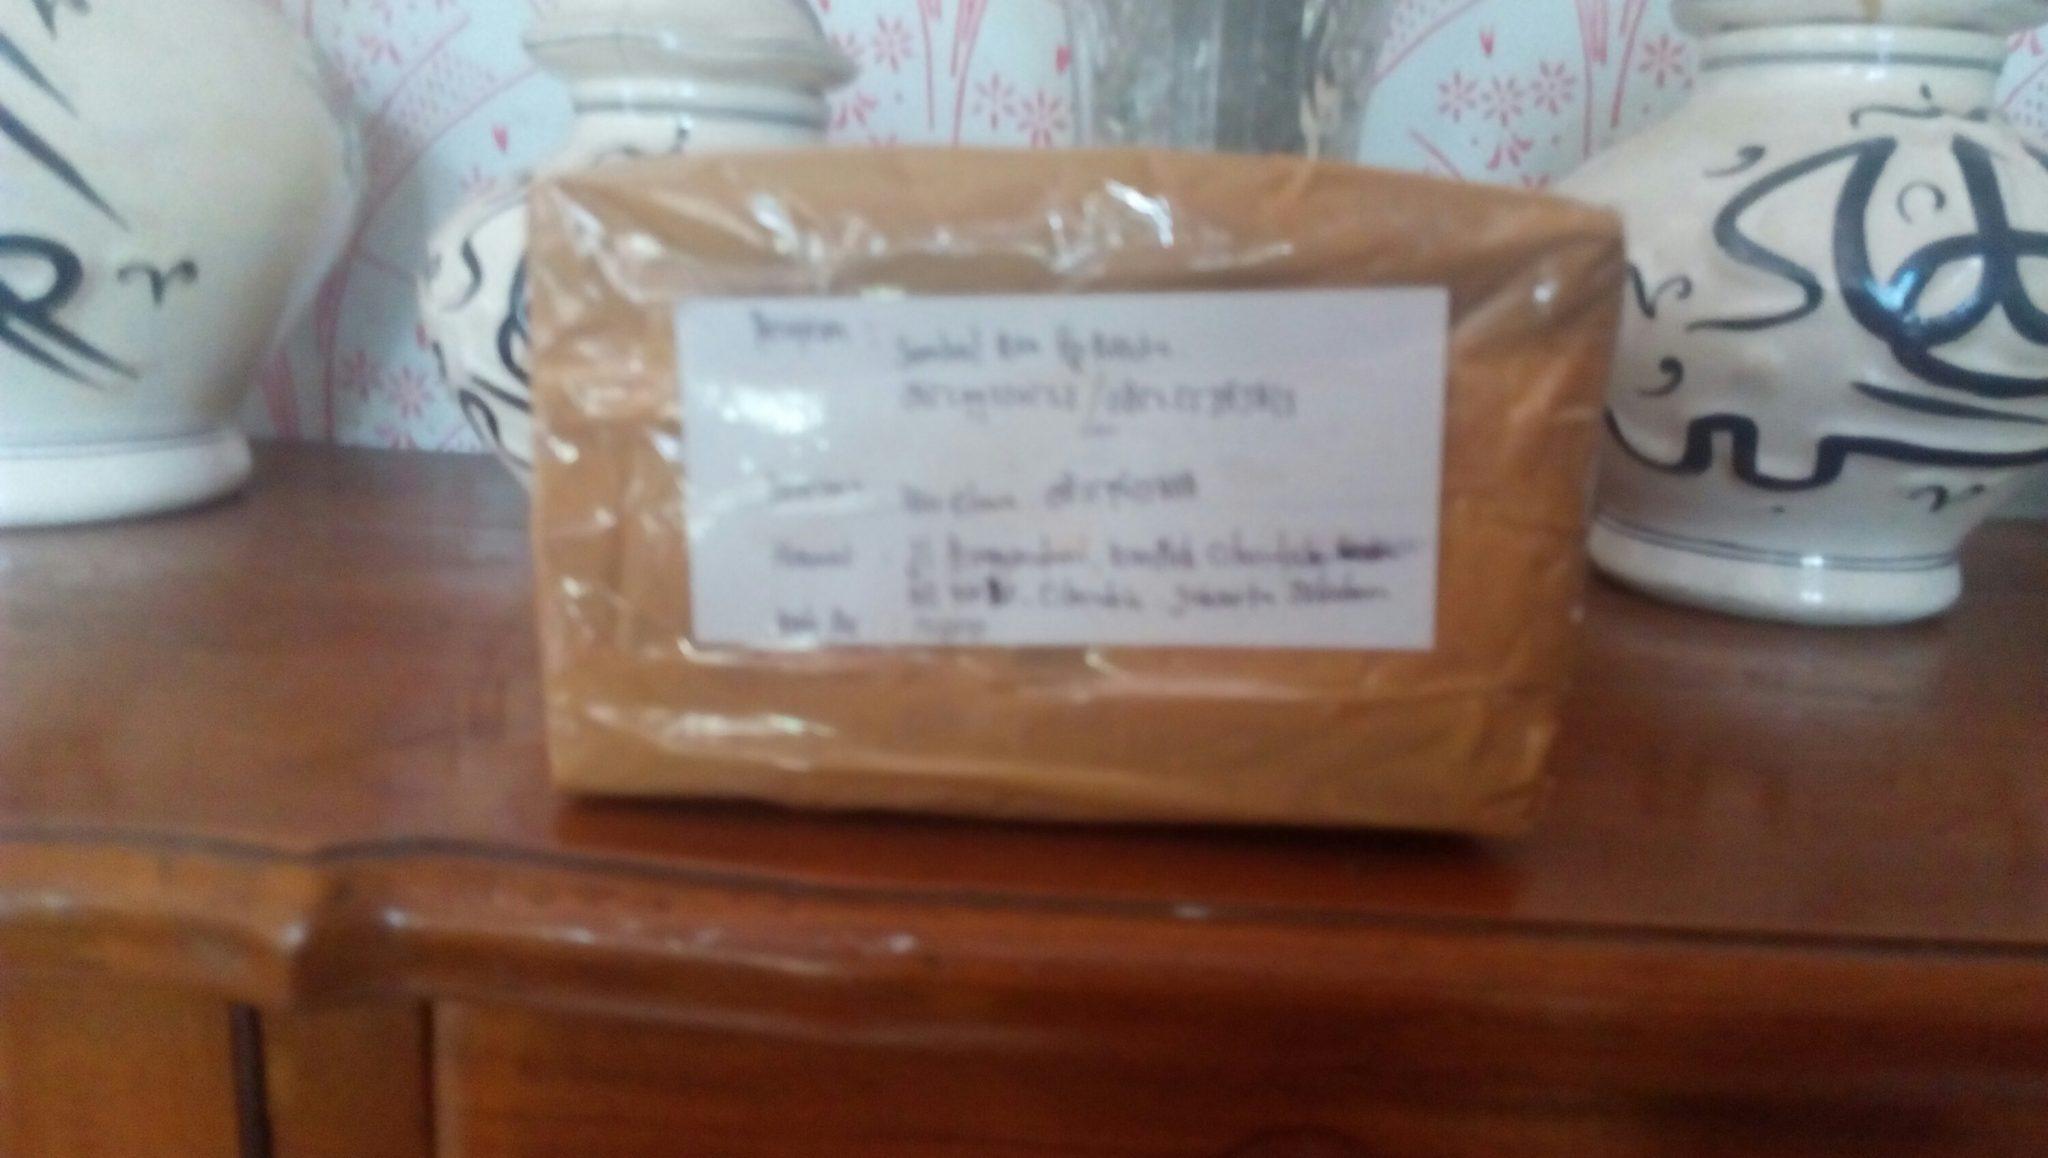 pengiriman sambal roa ke cilandak jakarta selatan untuk ibu elma